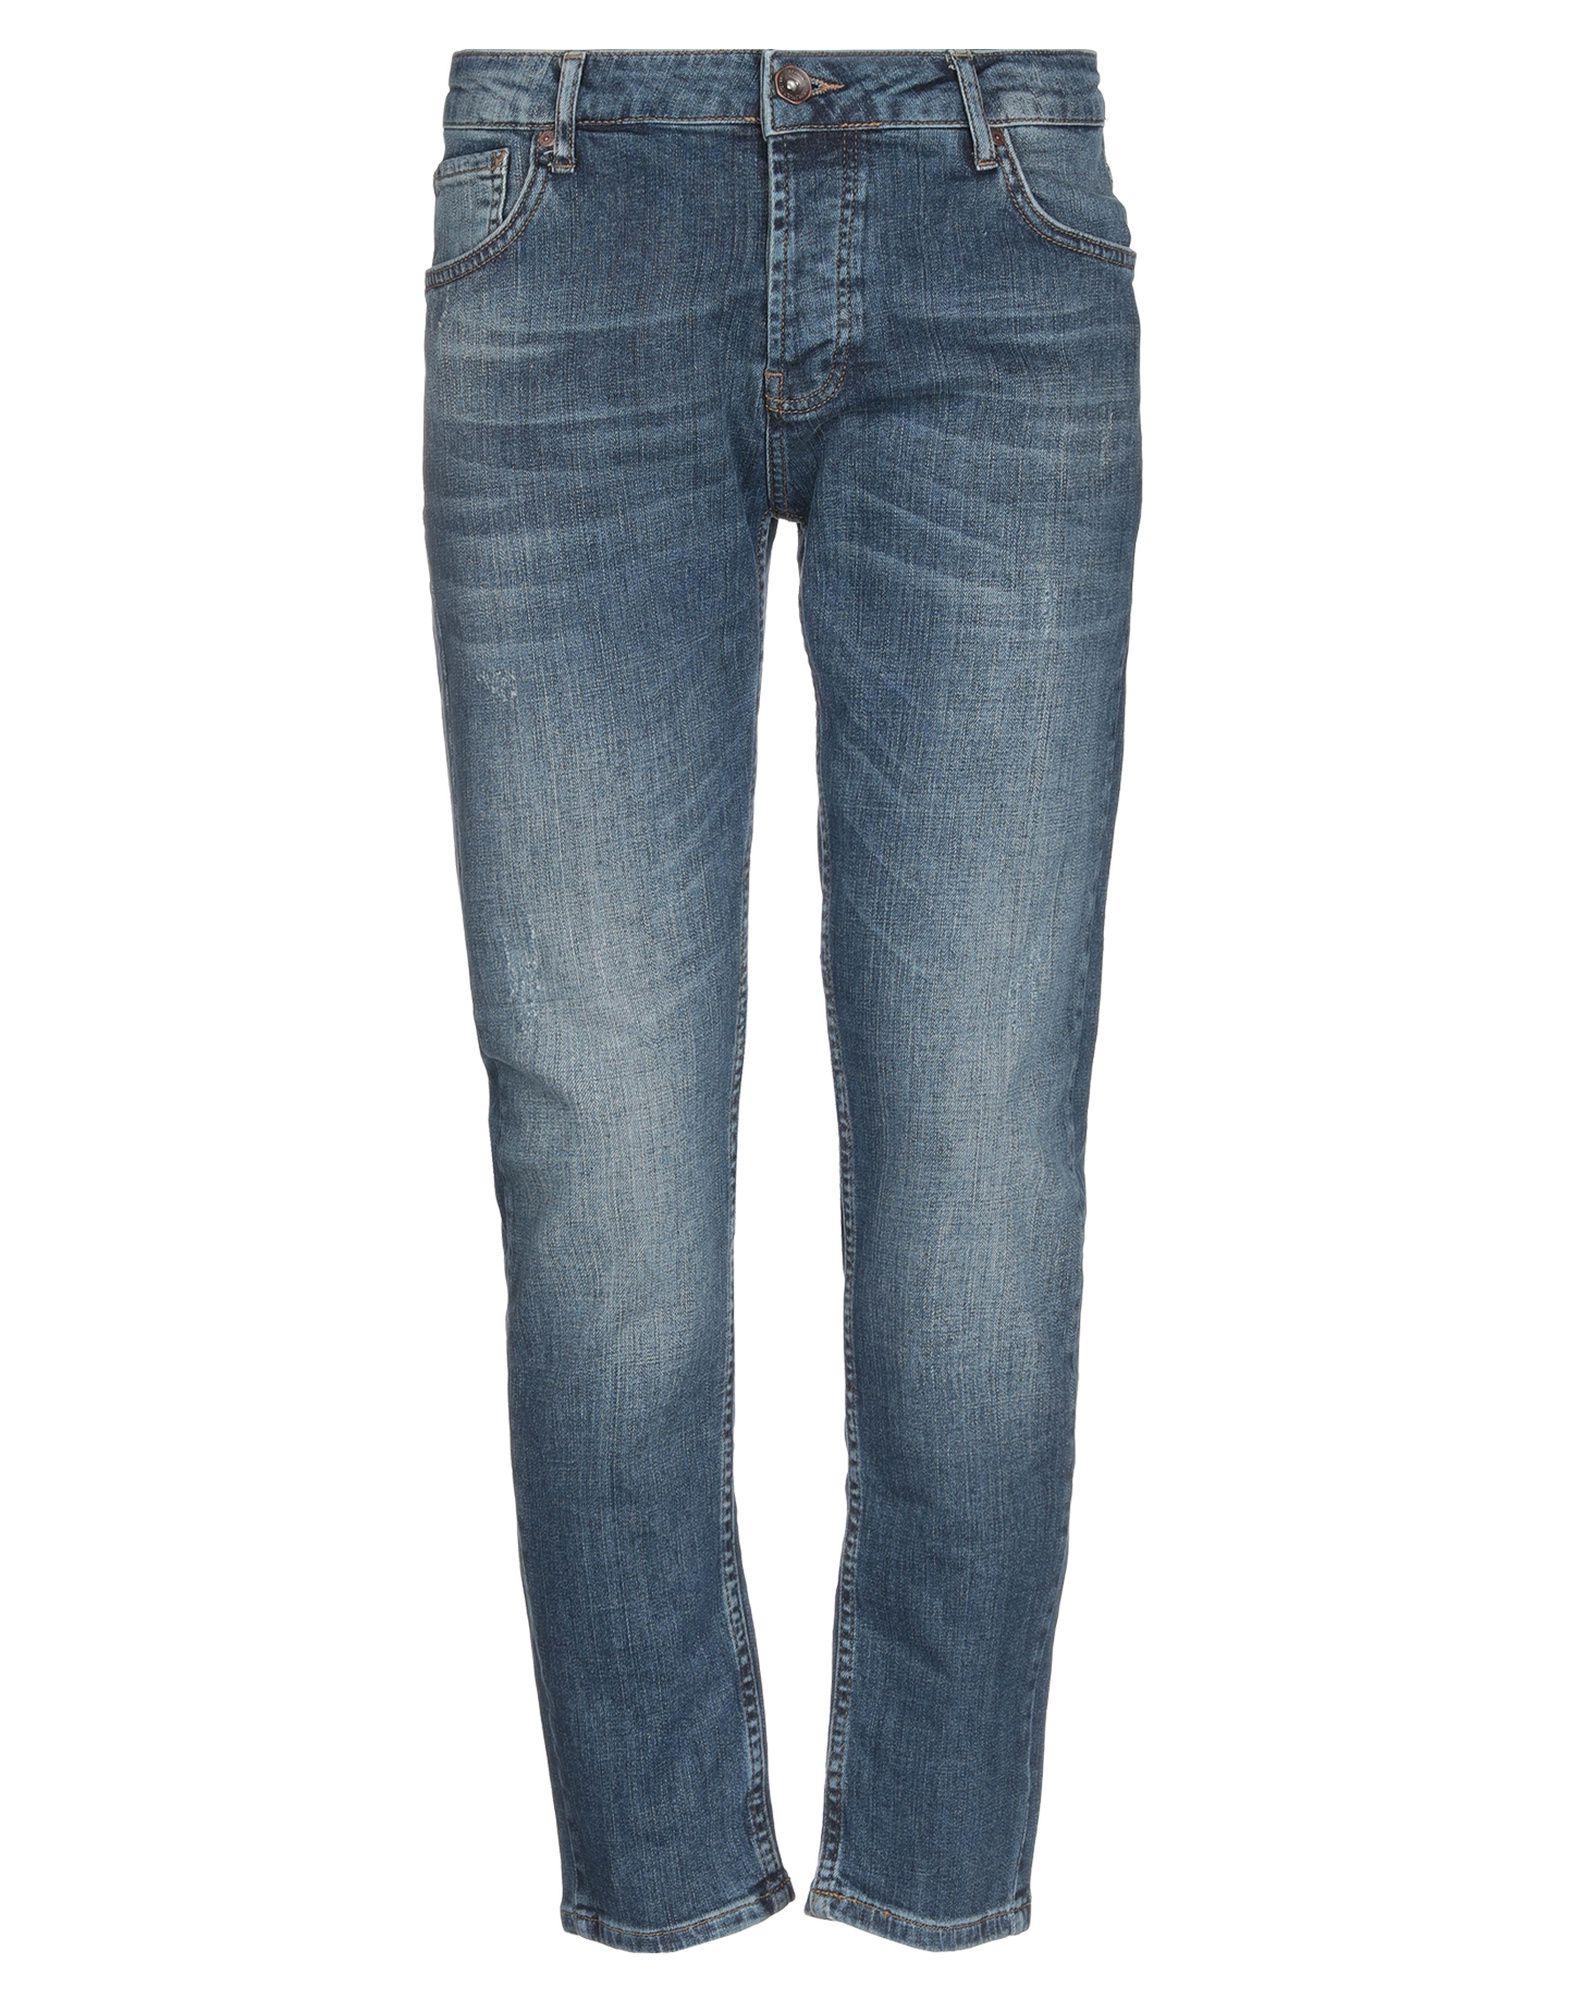 《送料無料》FIVE POCKET メンズ ジーンズ ブルー 30W-30L コットン 98% / ポリウレタン 2%